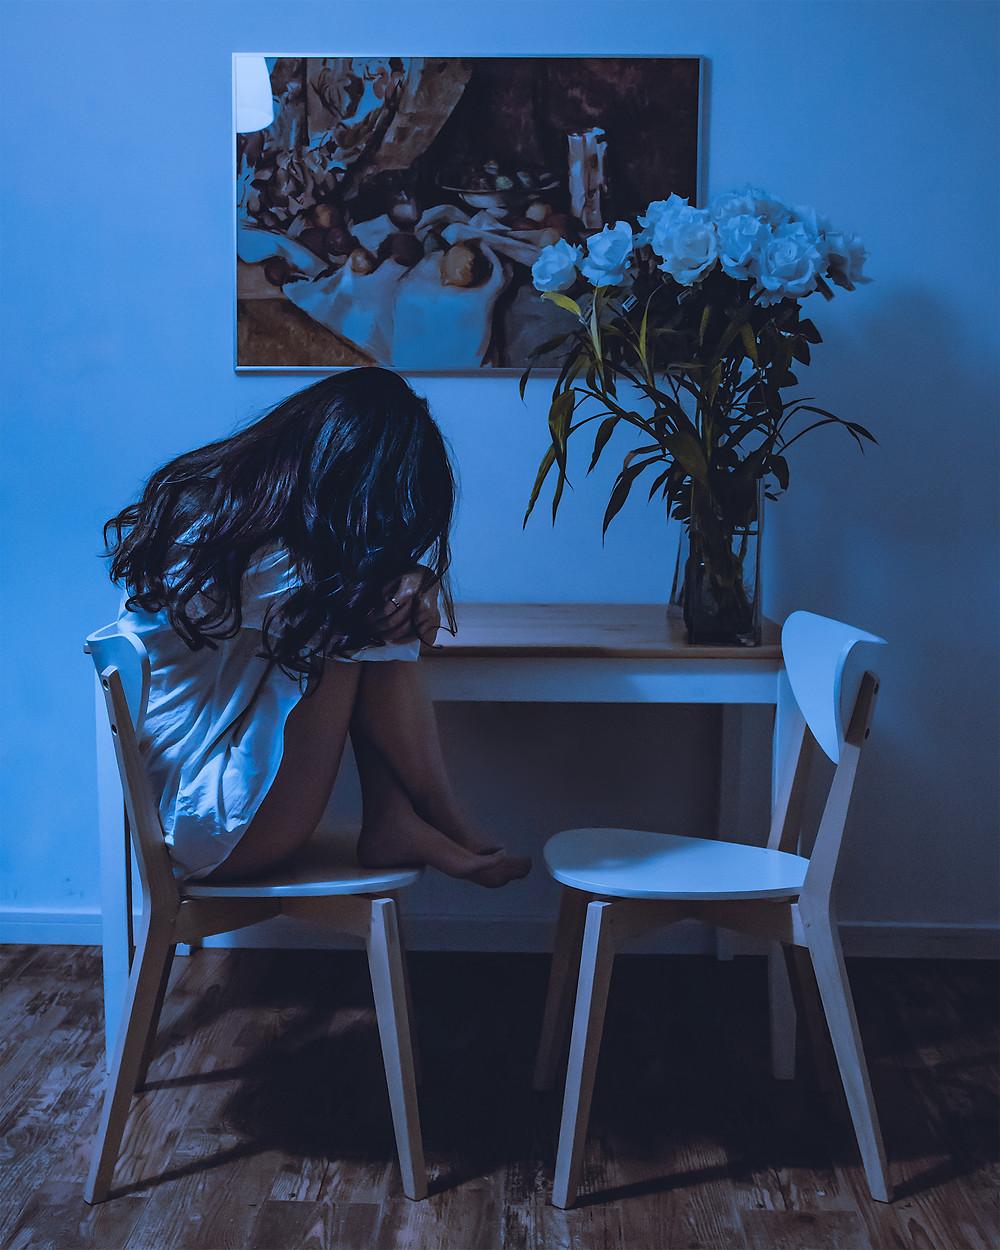 blu valentine  The void of a broken relationship